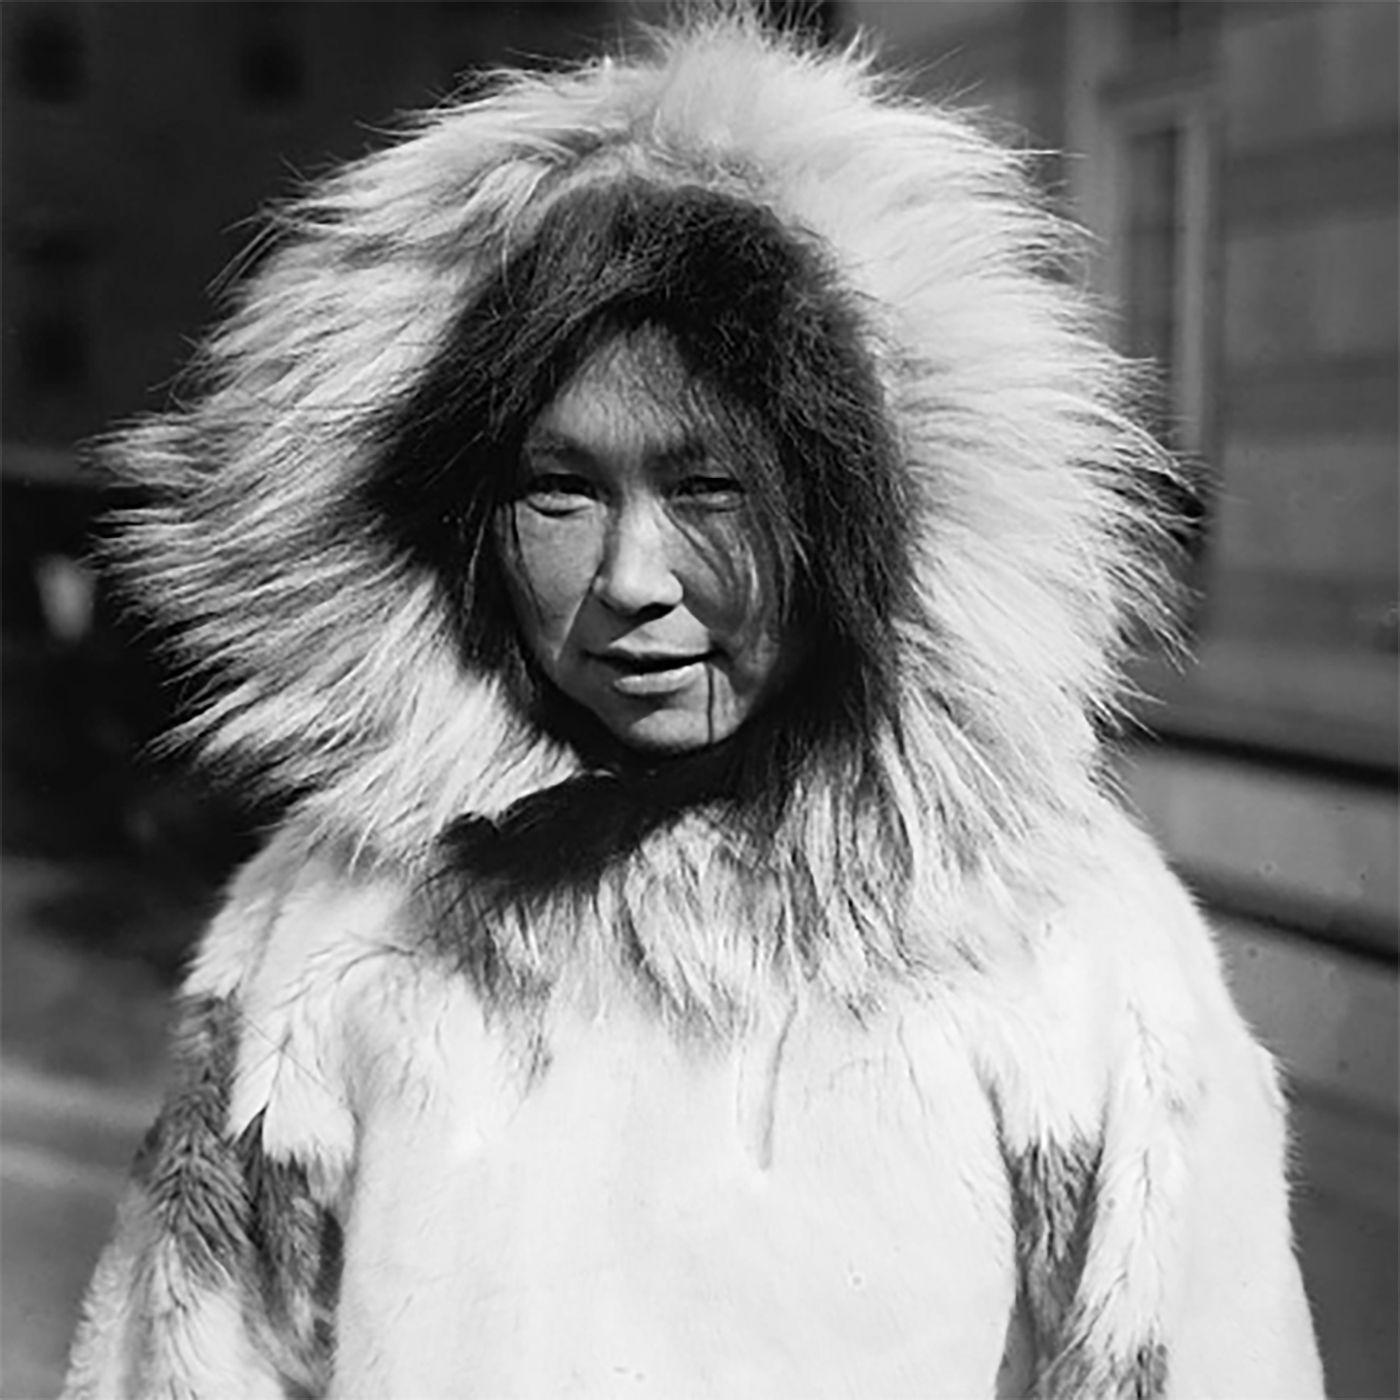 S5E4. Arnarulunnguaq Peary: Første kvinde, som gennemførte en slæderejse fra Grønland til Stillehavet